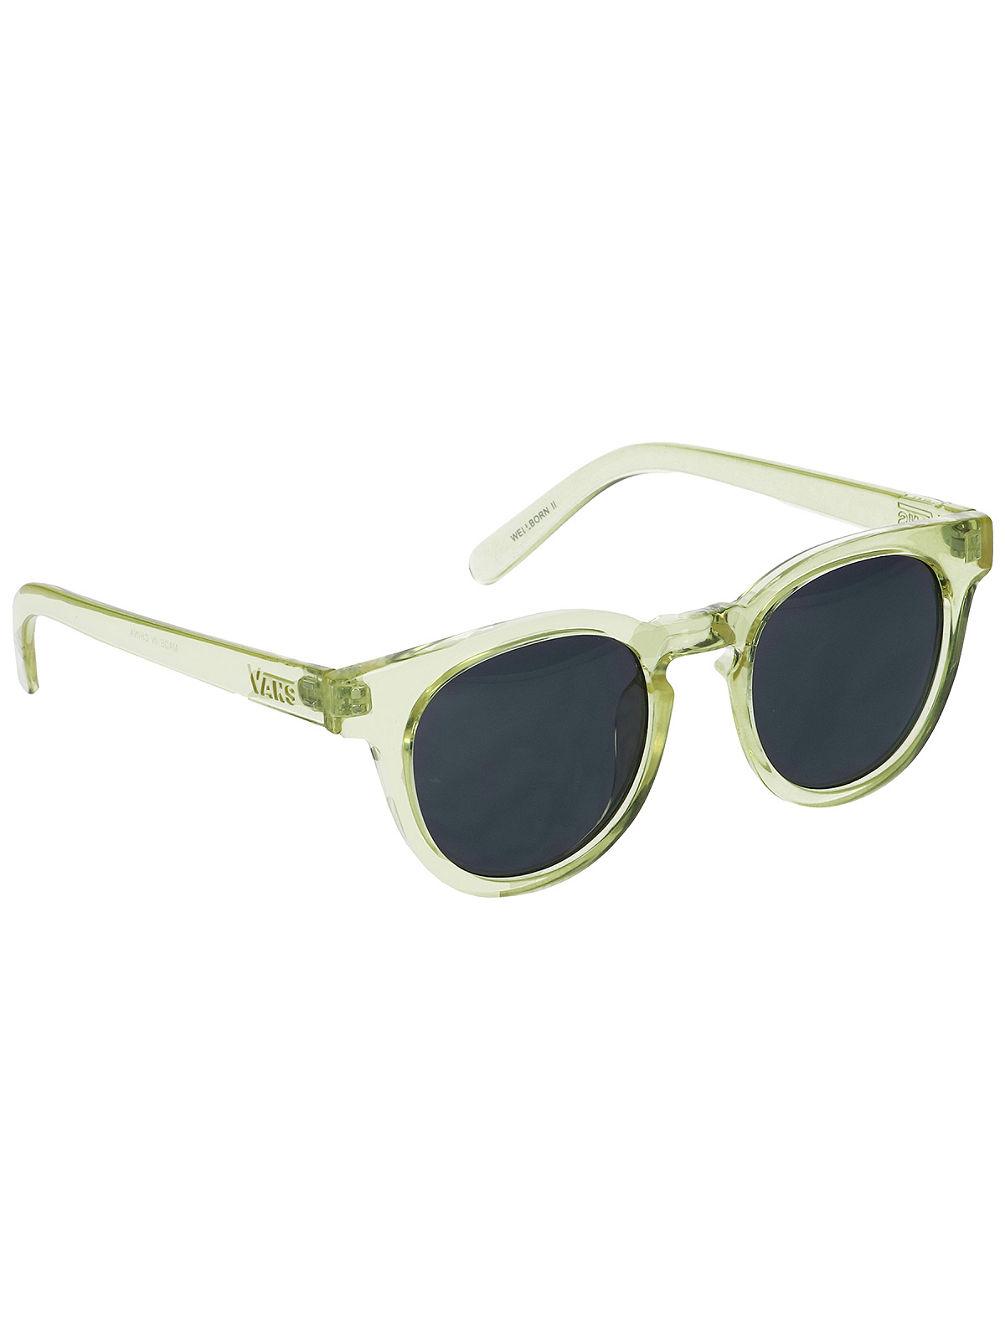 cb5b09d983 Compra Vans Wellborn II Sunny Lime Gafas de Sol en línea en Blue Tomato